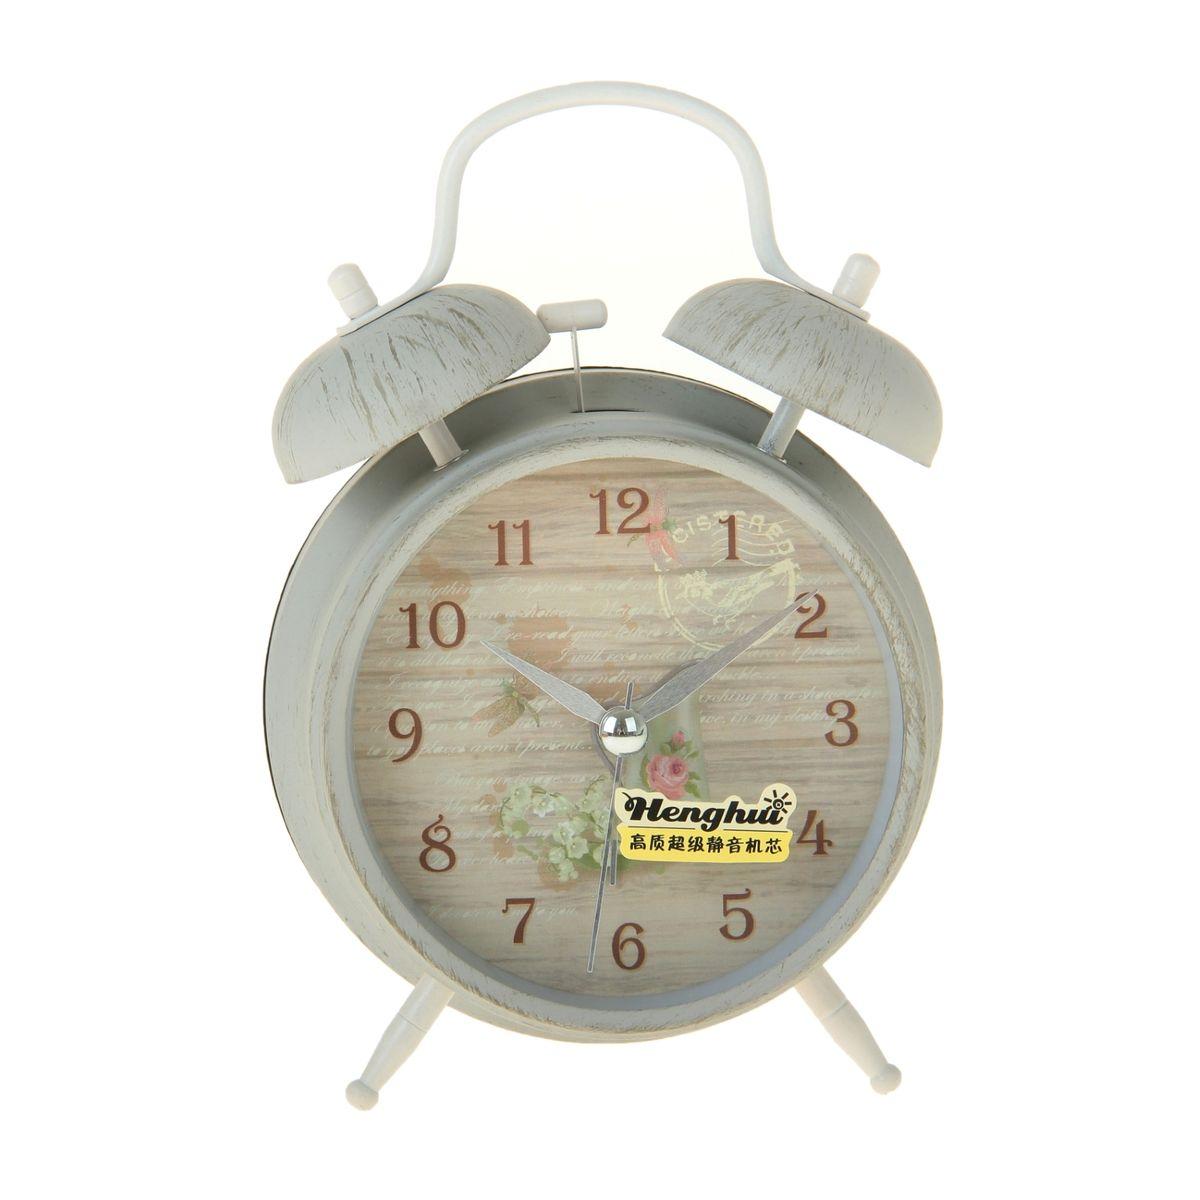 Часы-будильник Sima-land Кувшин и цветыFA-2406-5-BAКак же сложно иногда вставать вовремя! Всегда так хочется поспать еще хотя бы 5 минут и бывает, что мы просыпаем. Теперь этого не случится! Яркий, оригинальный будильник Sima-land Кувшин и цветы поможет вам всегда вставать в нужное время и успевать везде и всюду. Будильник украсит вашу комнату и приведет в восхищение друзей. Время показывает точно и будит в установленный час.На задней панели будильника расположены переключатель включения/выключения механизма, а также два колесика для настройки текущего времени и времени звонка будильника. Также будильник оснащен кнопкой, при нажатии и удержании которой, подсвечивается циферблат. Будильник работает от 1 батарейки типа AA напряжением 1,5V (не входит в комплект).